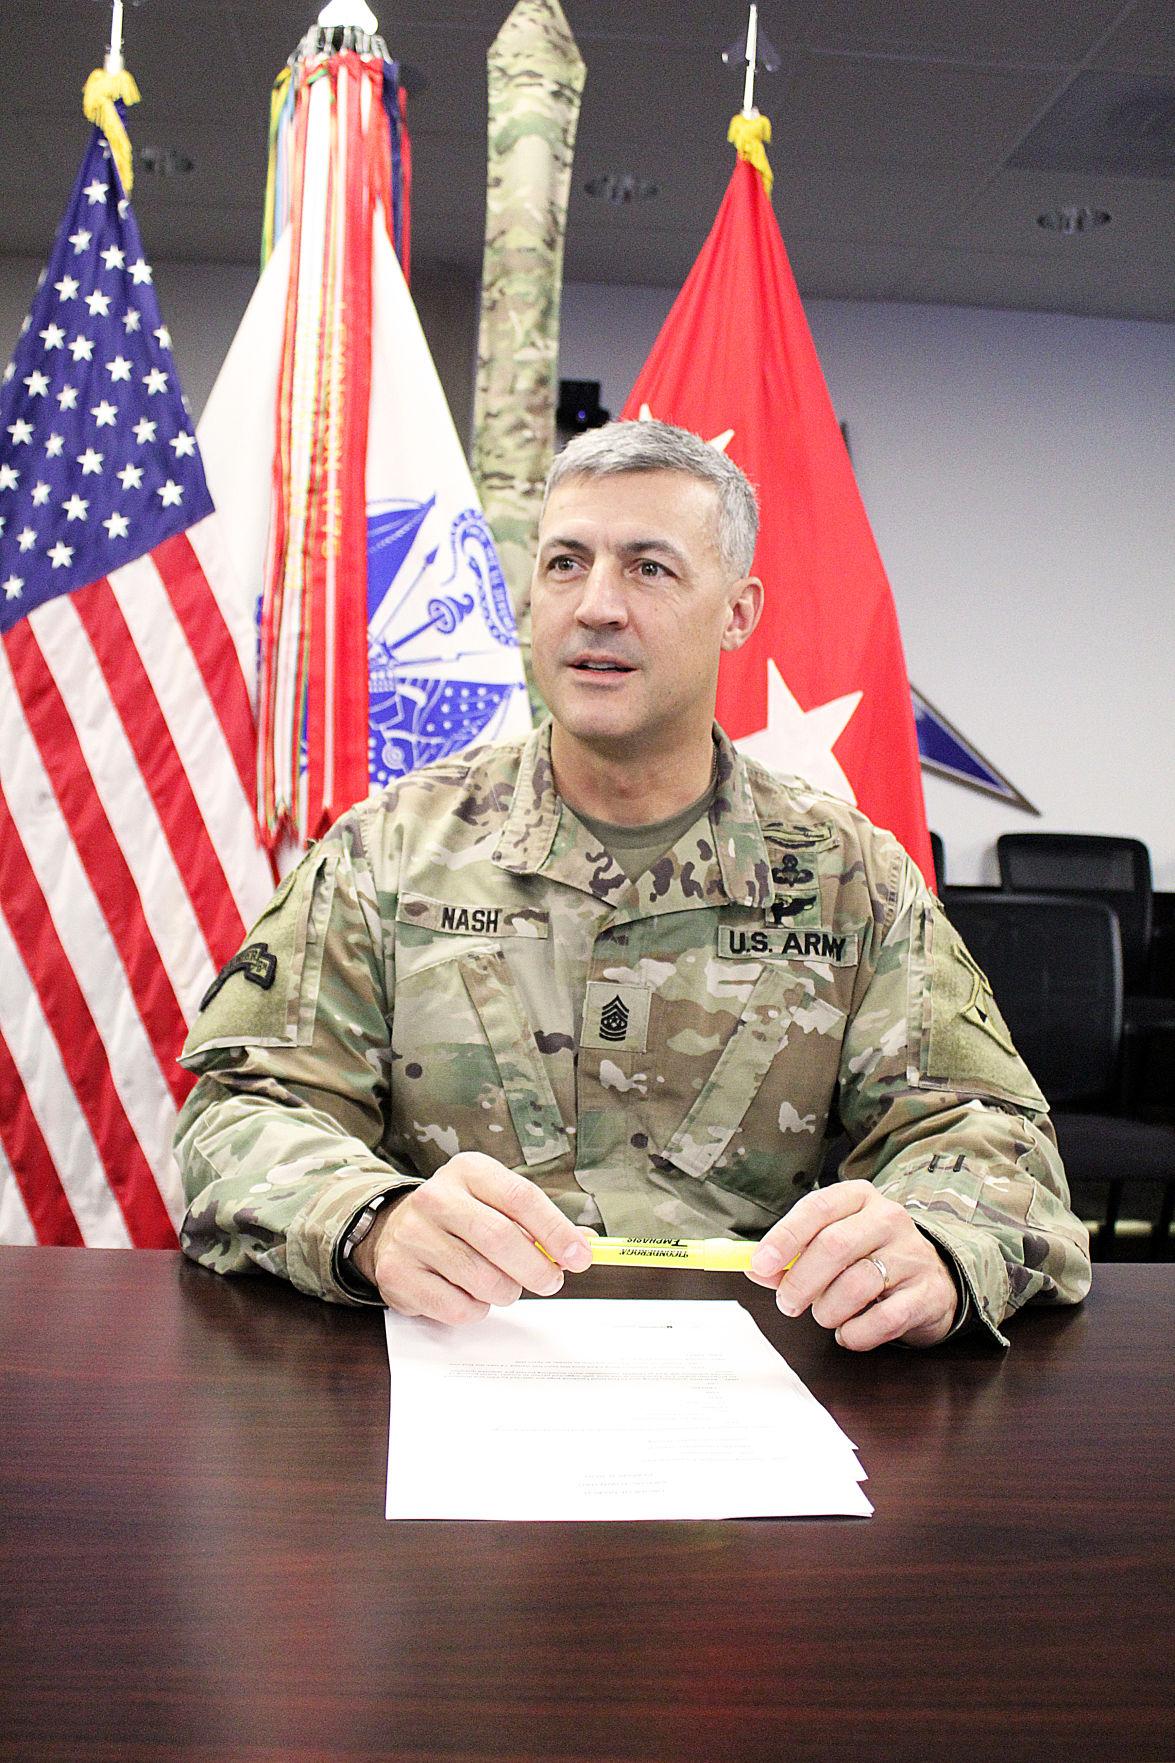 Command Sgt. Maj. Adam Nash